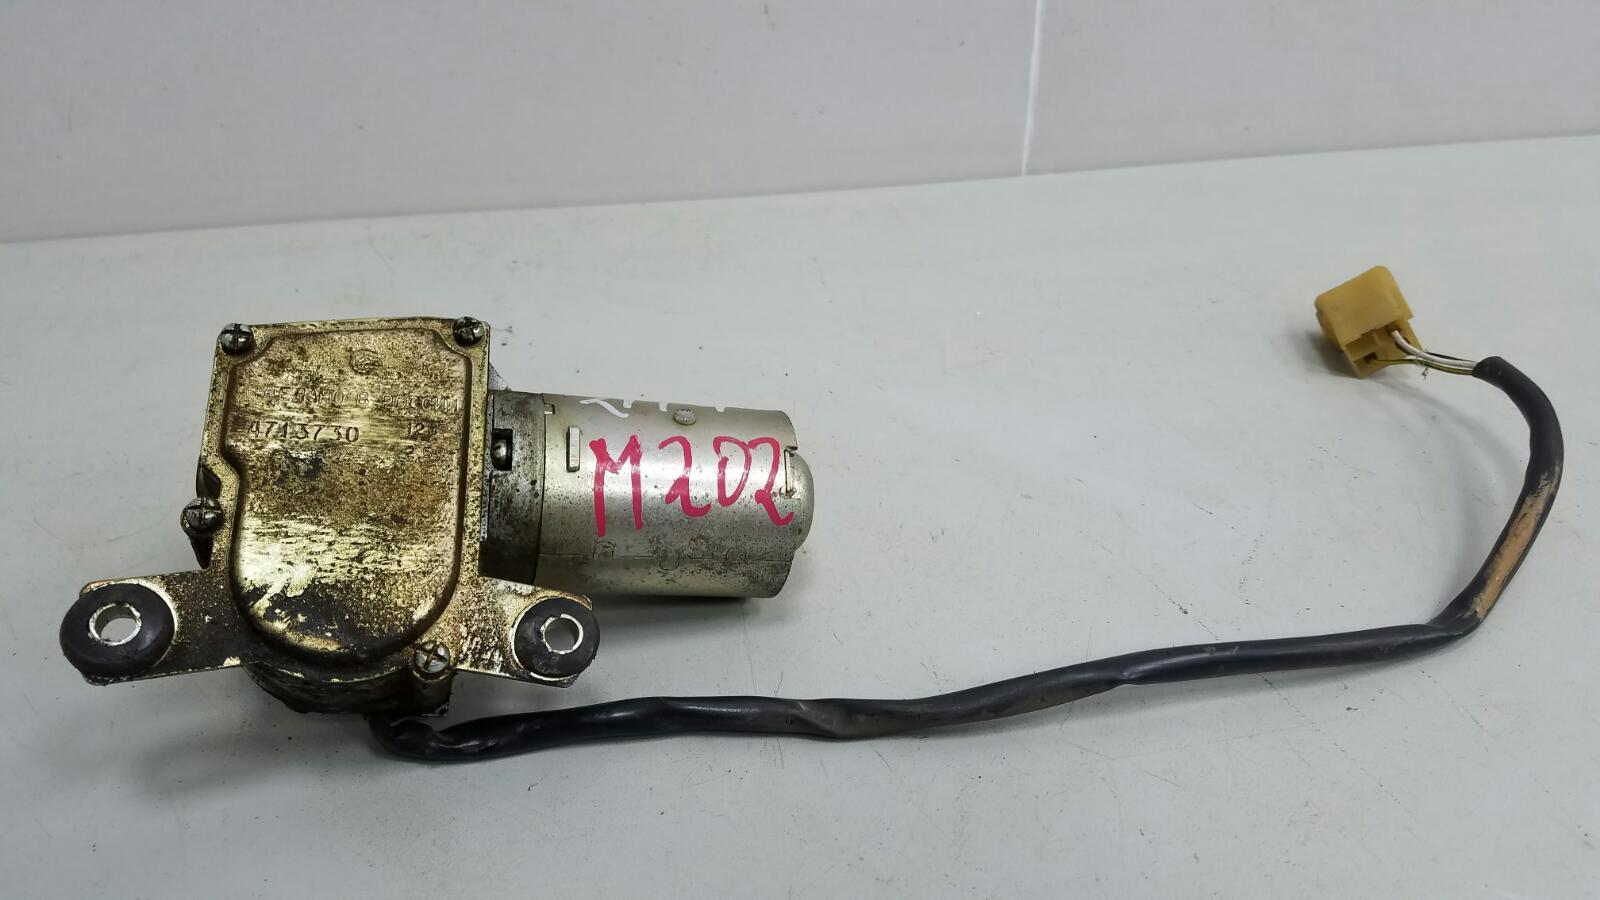 Моторчик заднего дворника Ваз Лада Самара 2 21140 2111 1.5Л 8КЛ 2006